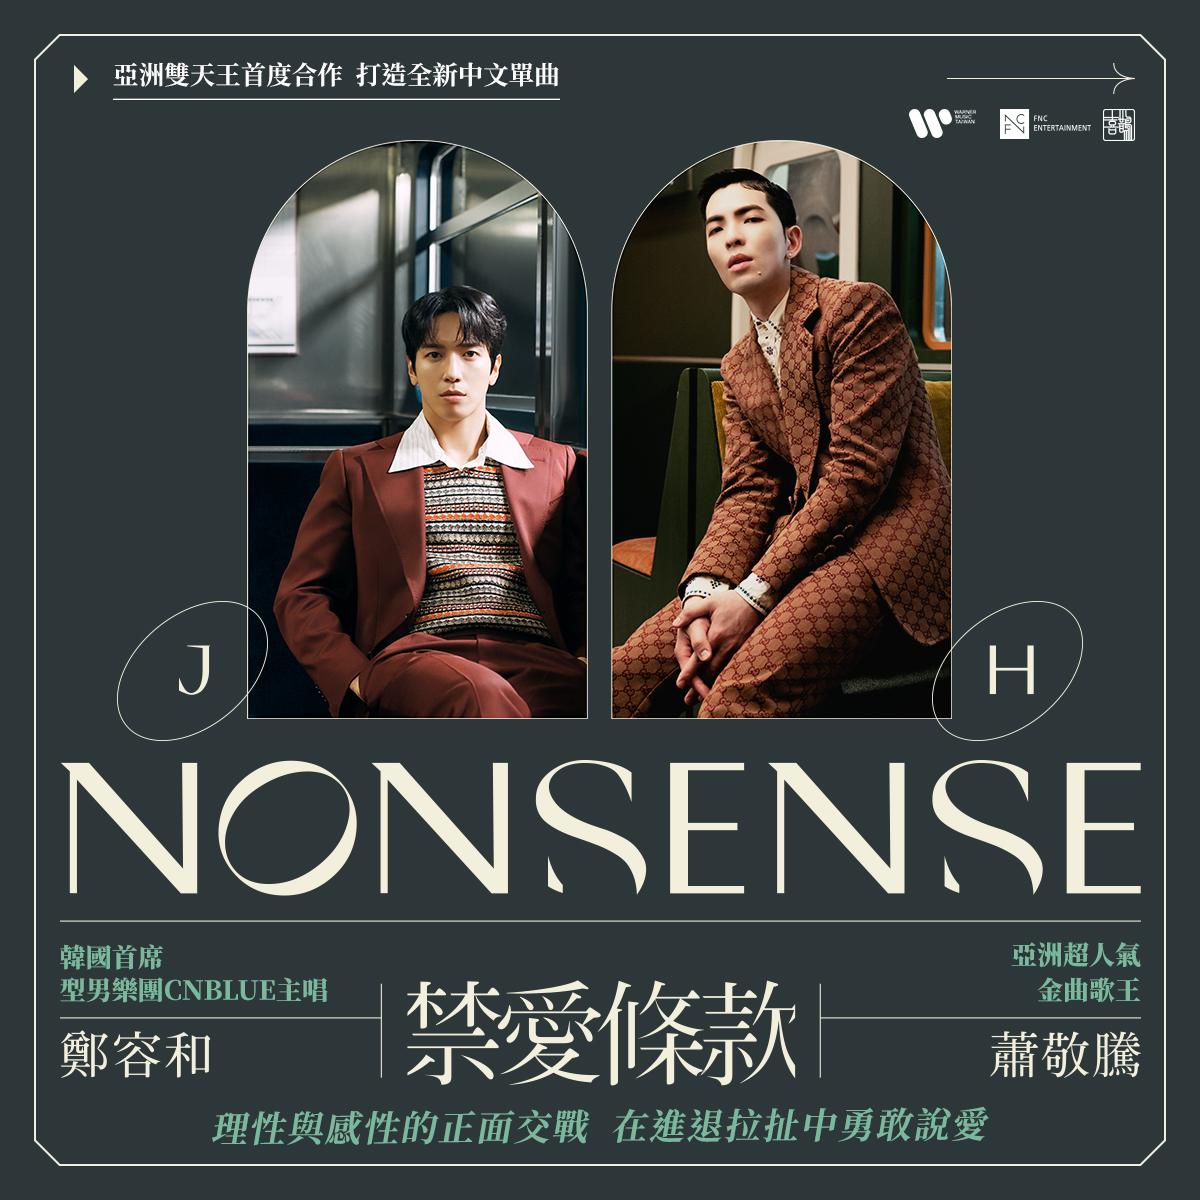 정용화 (CNBLUE), Jam Hsiao - NONSENSE